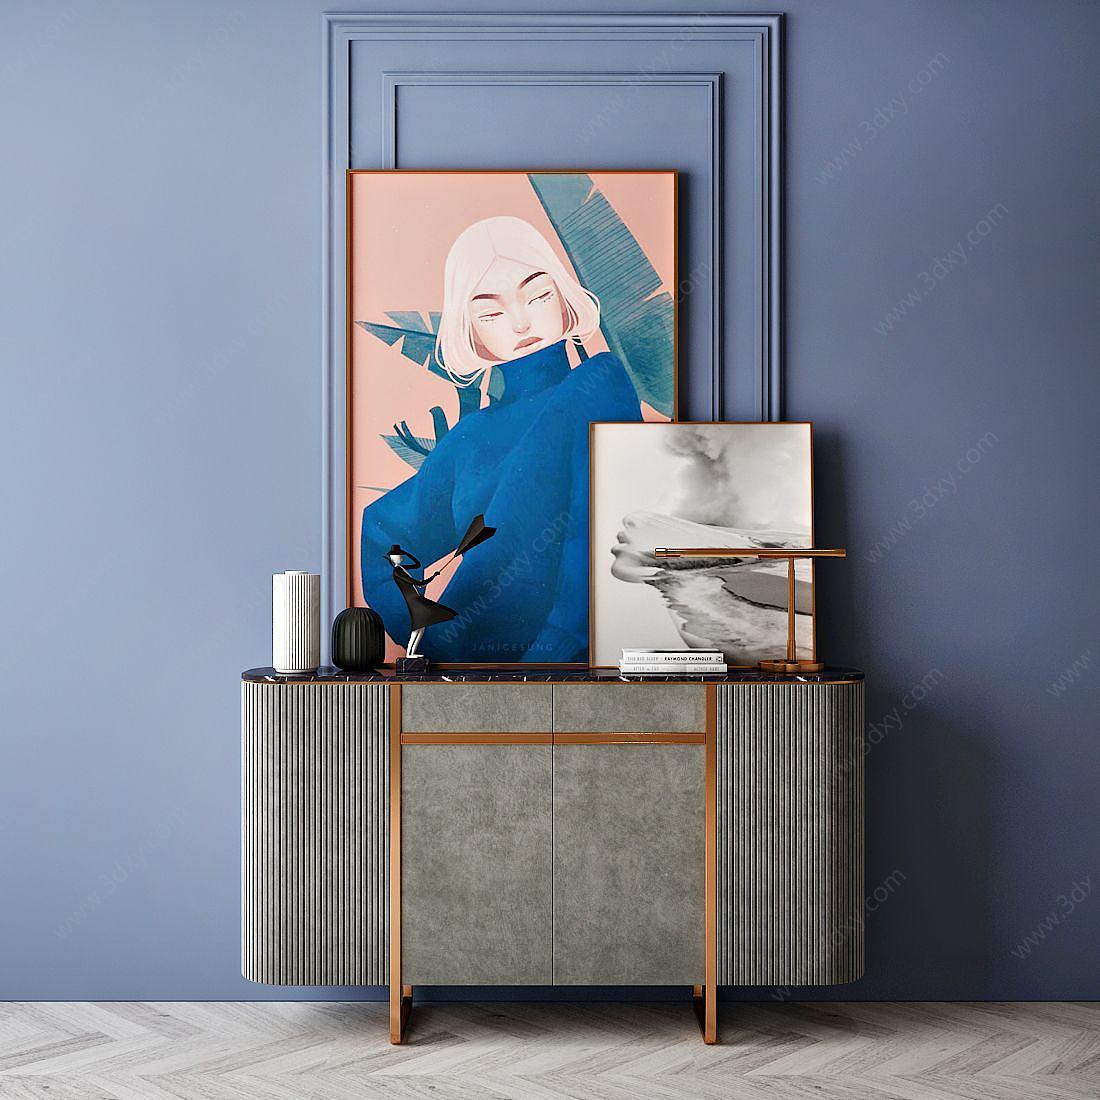 家具飾品組合裝飾柜